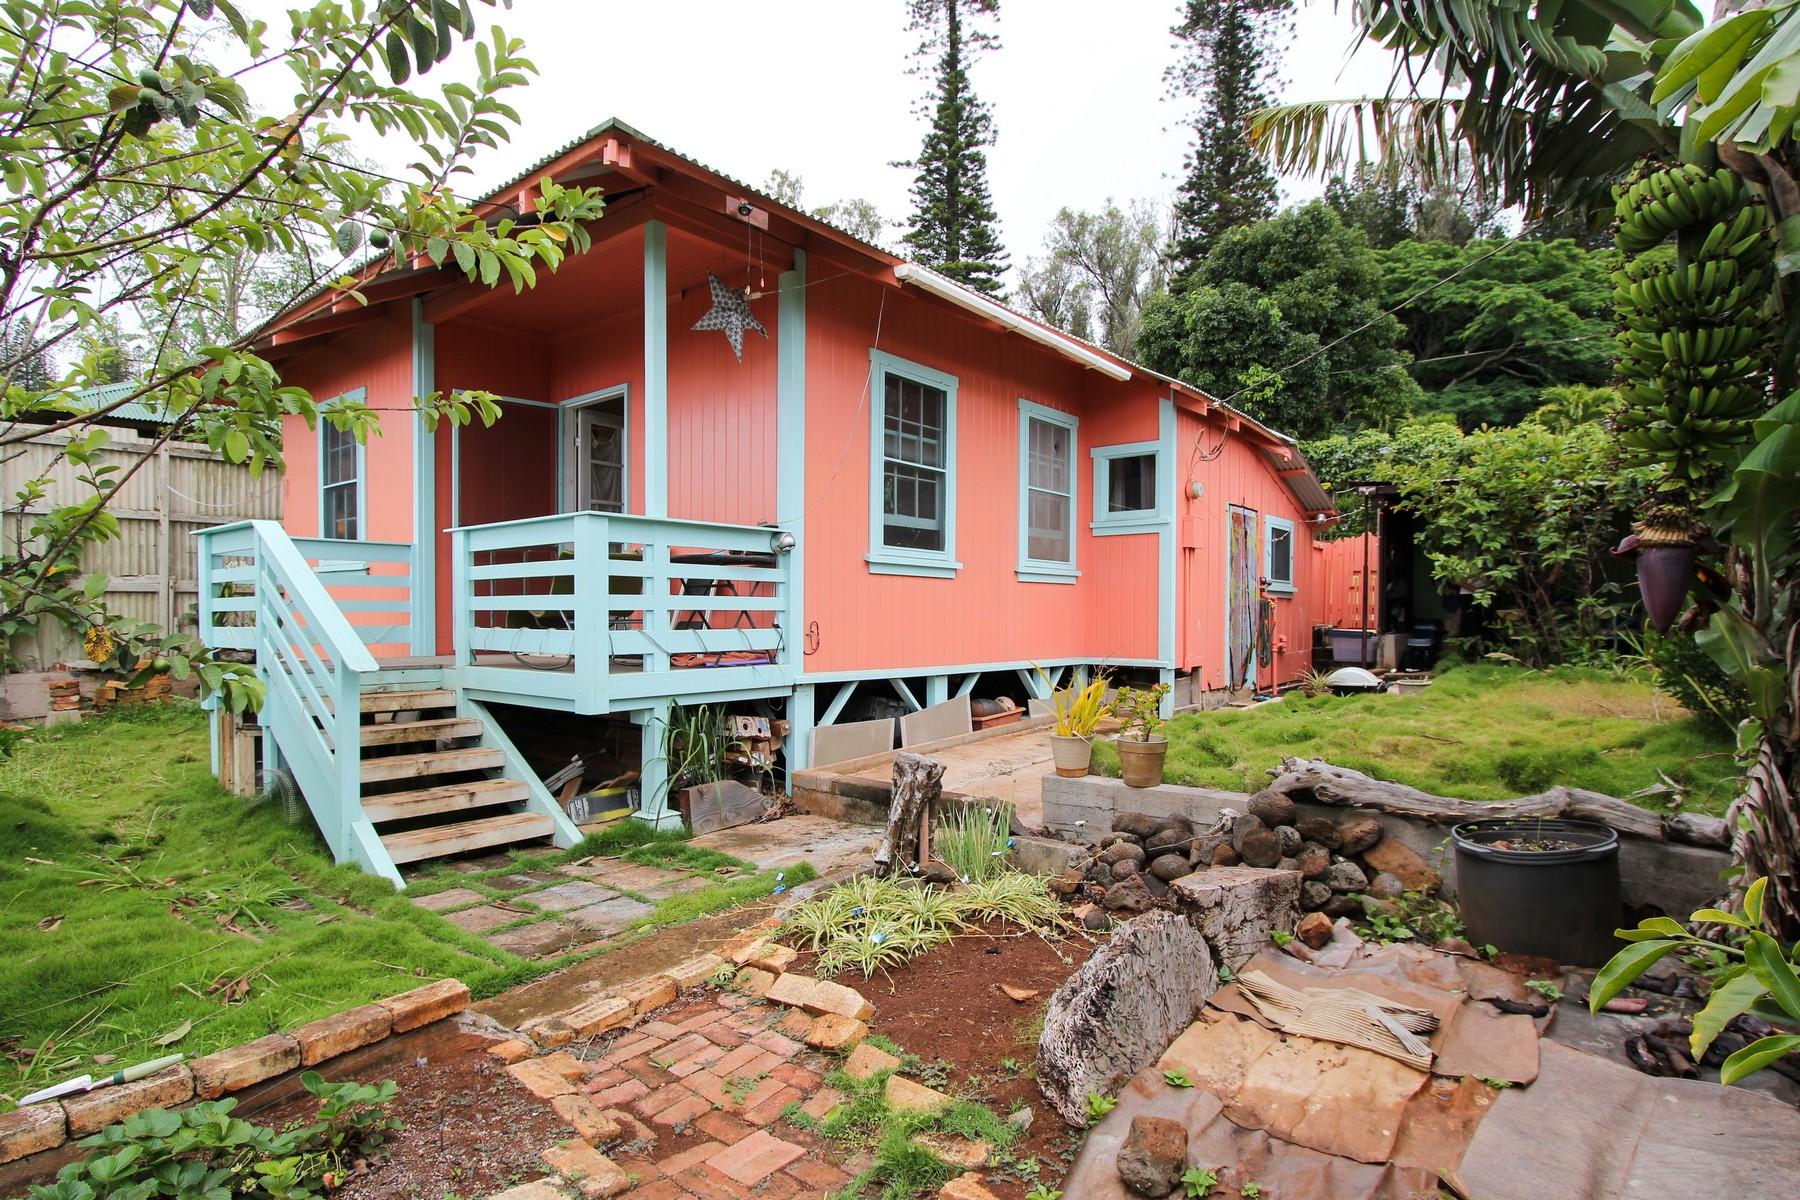 Частный односемейный дом для того Продажа на Lanai Hide-A-Way 1029 Palawai Lane Lanai City, Гавайи, 96763 Соединенные Штаты